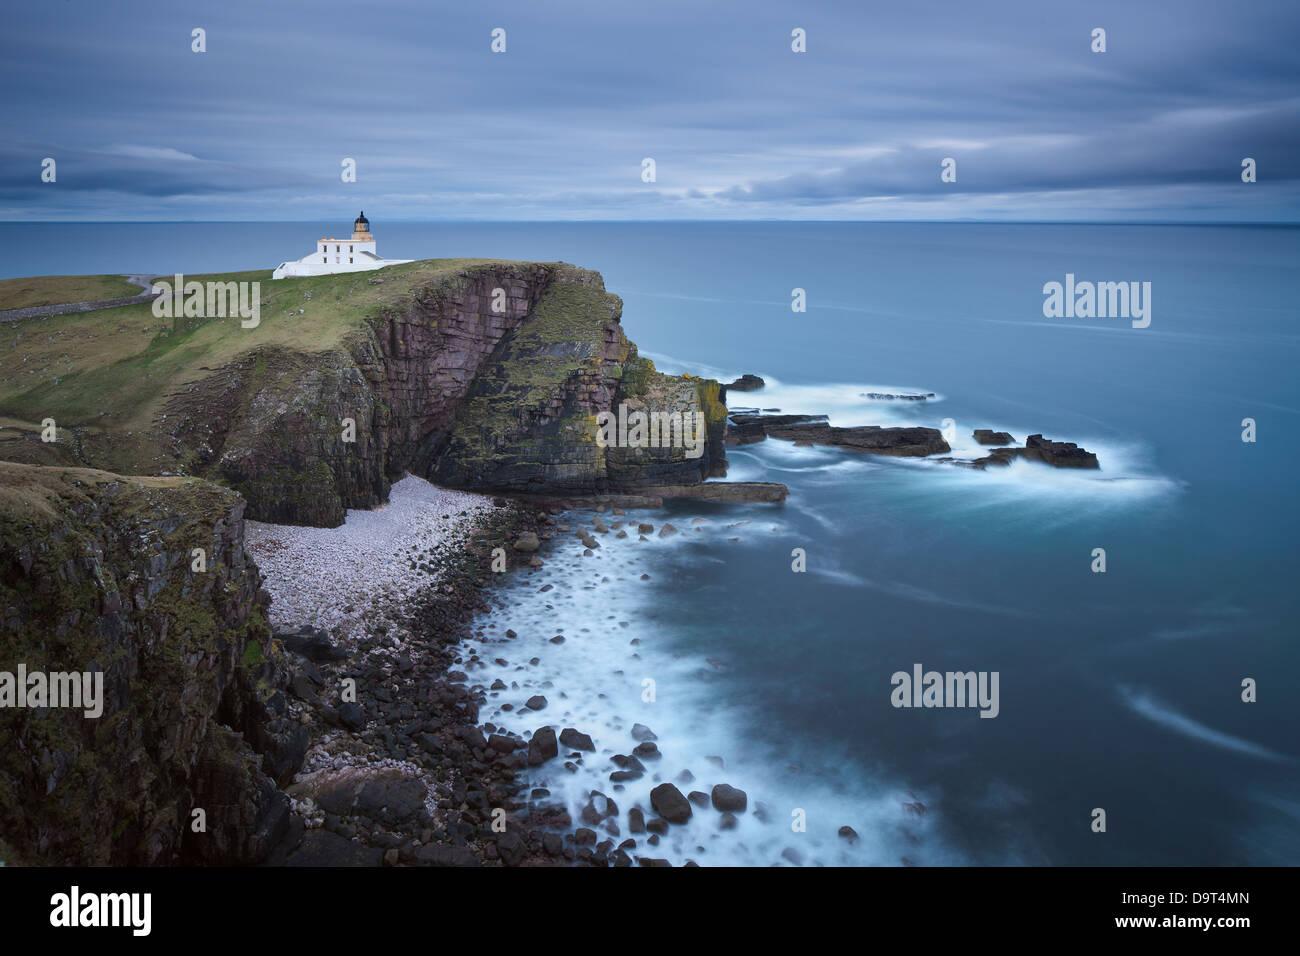 Stoer Capo Faro, Sutherland, Scotland, Regno Unito Immagini Stock